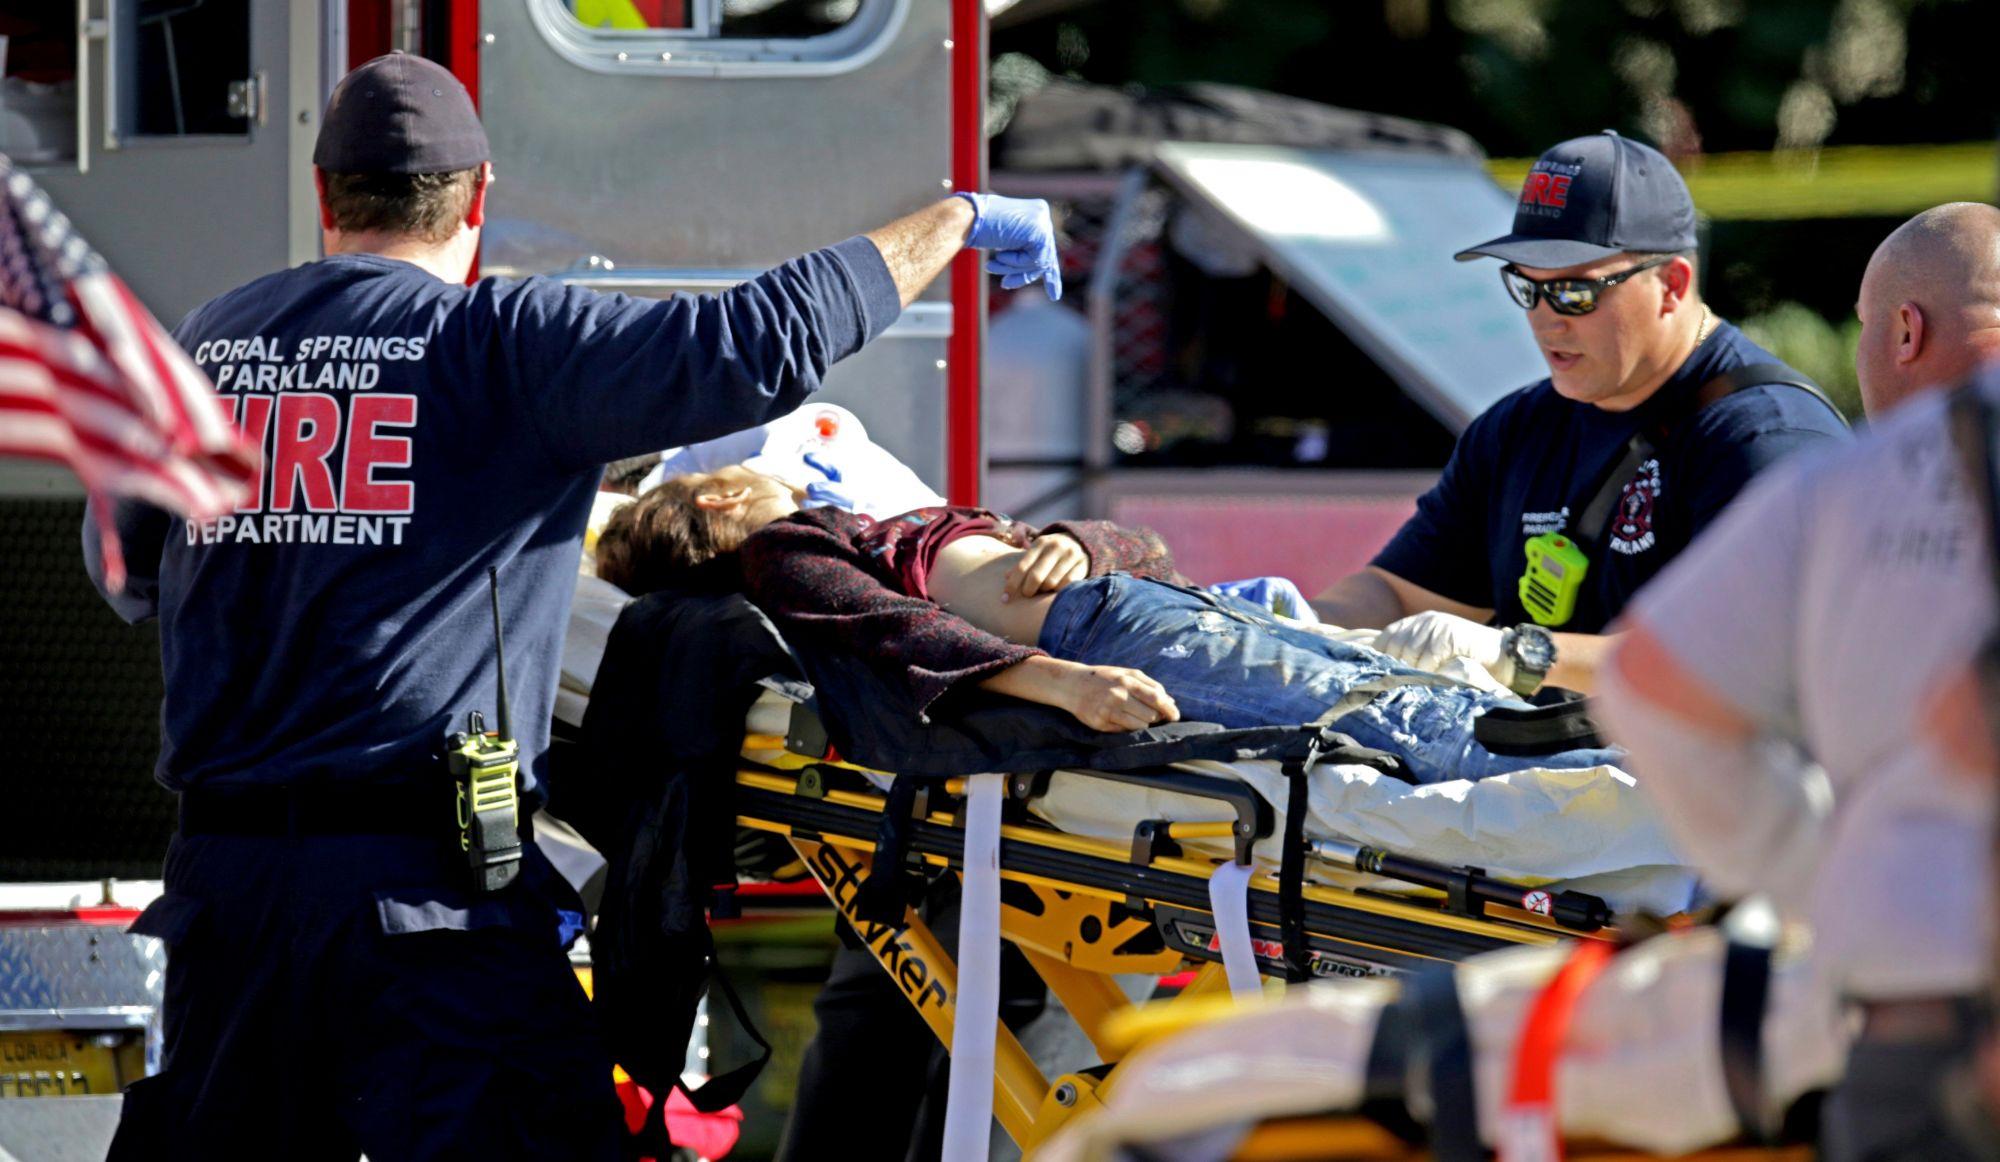 Fusillade en Floride: au moins 17 morts (vidéos)